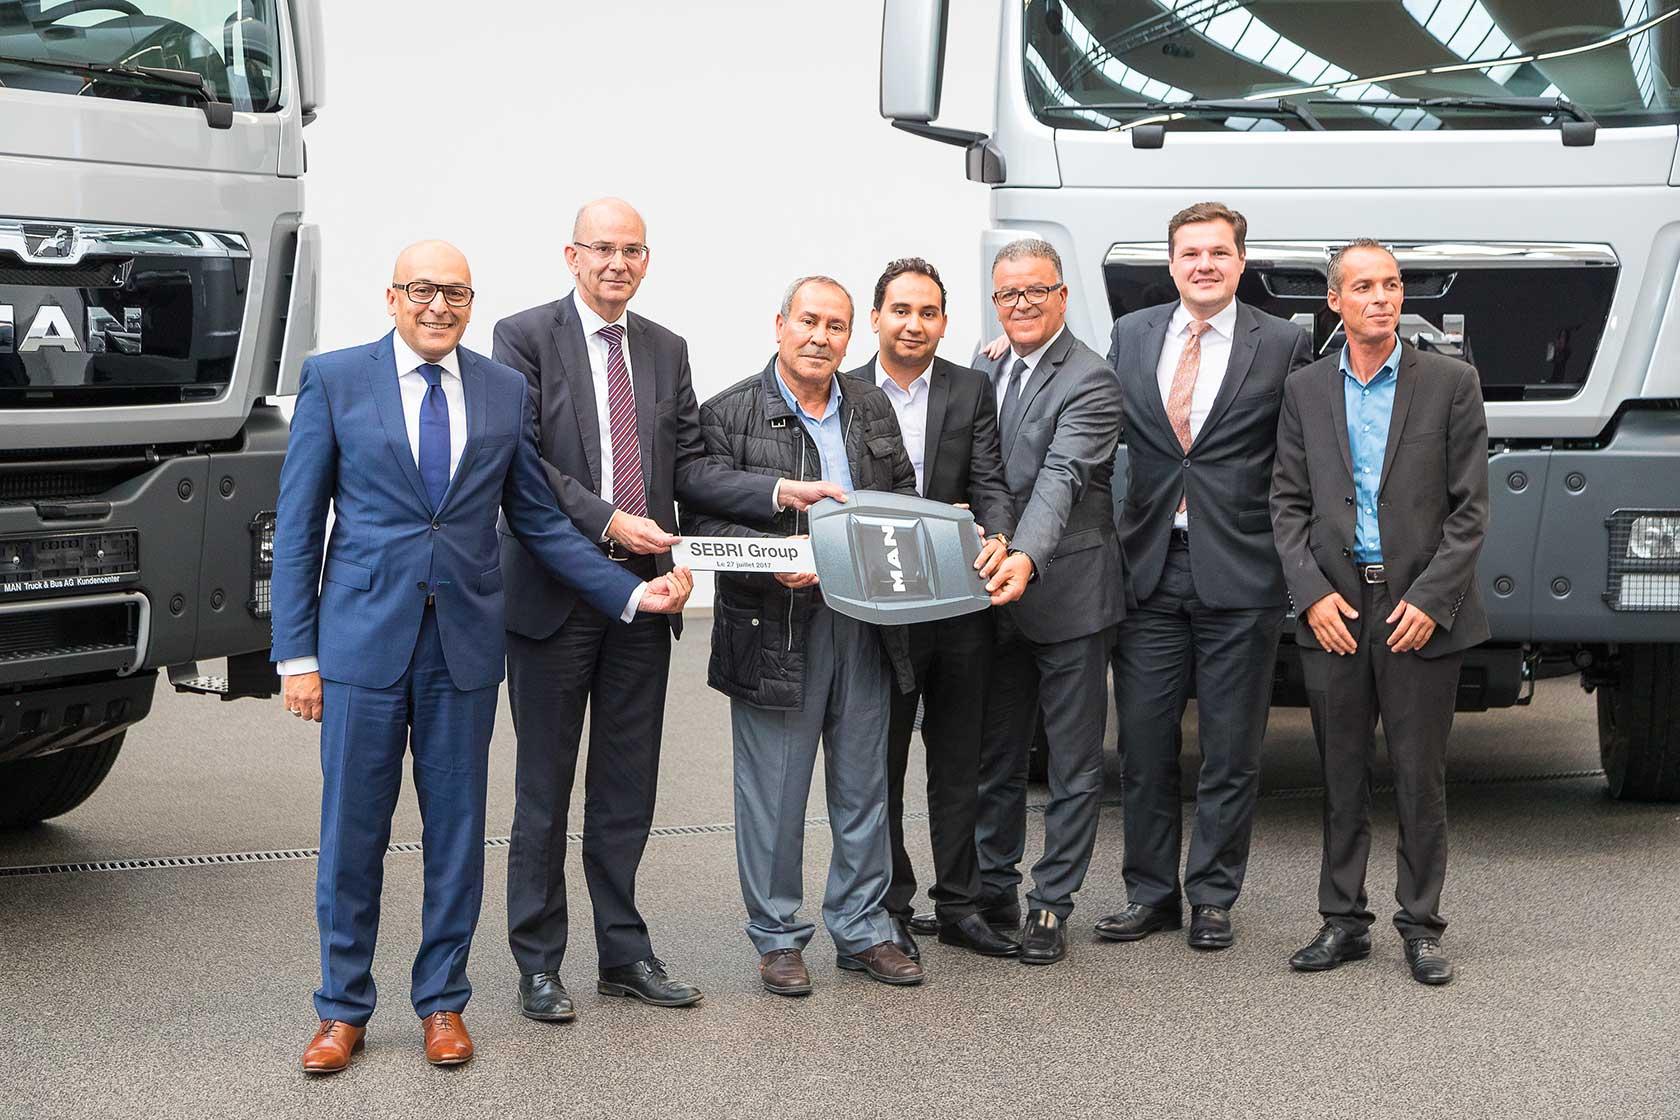 Le Groupe Sebri acquiert 74 camions MAN chez Alpha International